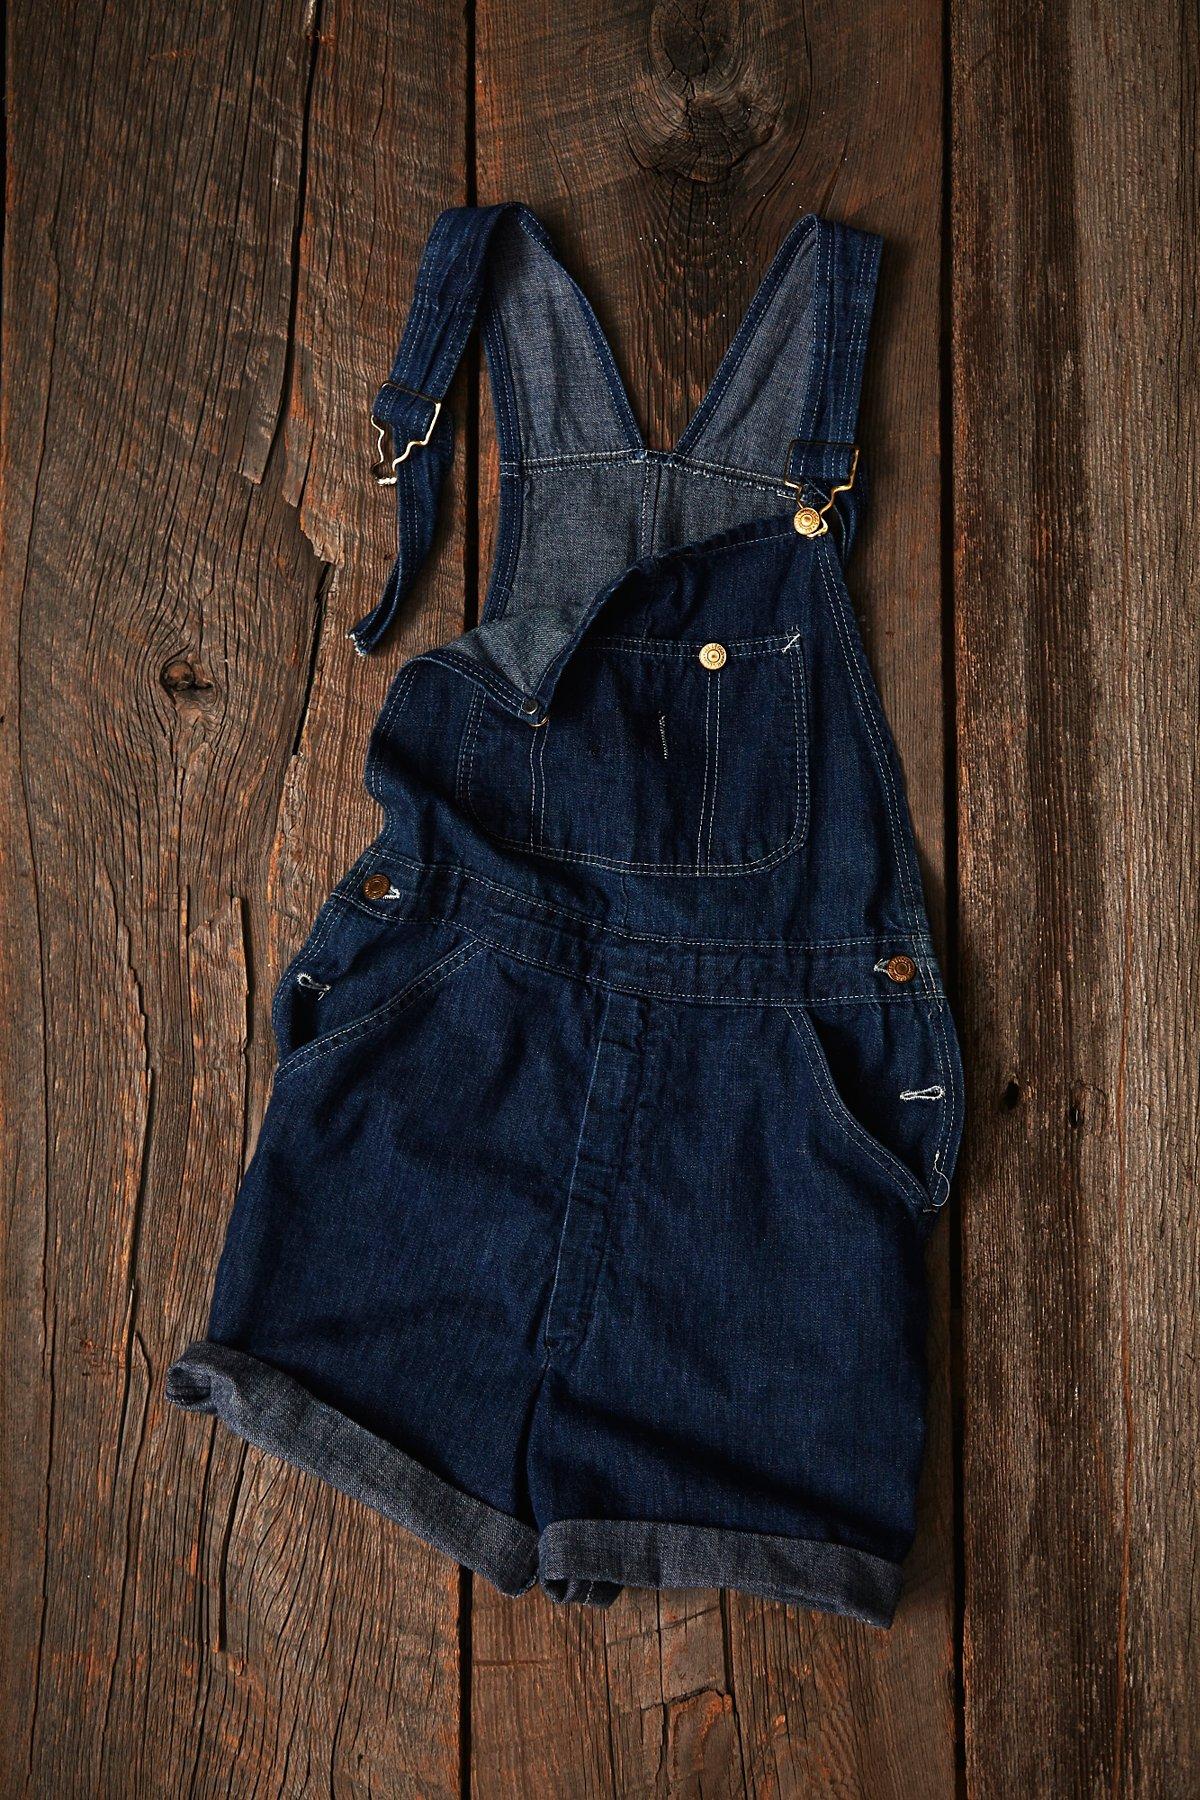 Vintage Denim Shortalls